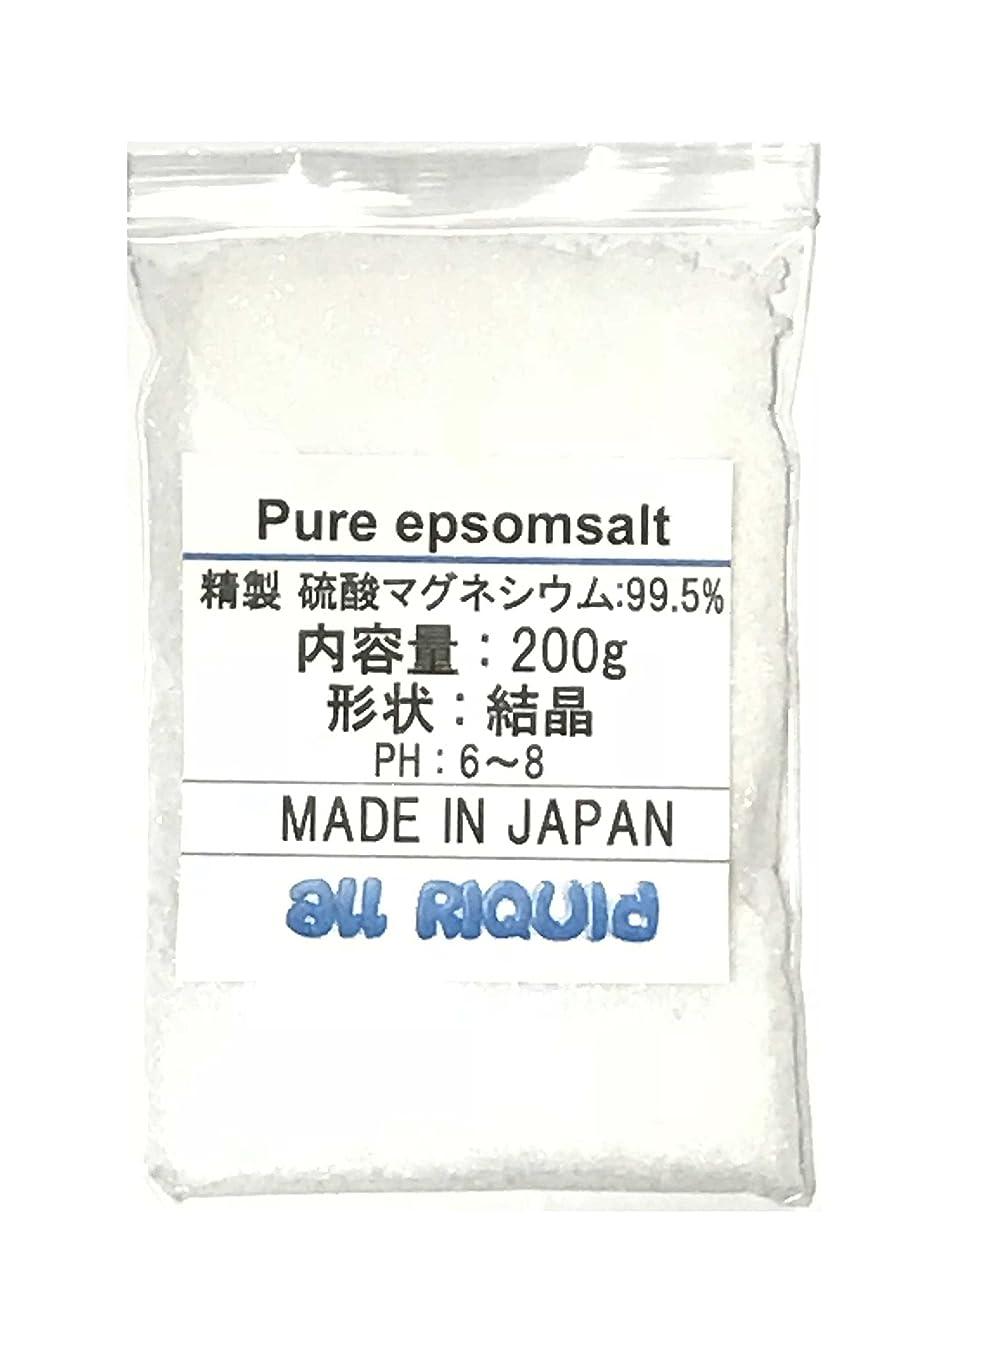 アンソロジープットコール純 エプソムソルト 200g x2 (硫酸マグネシウム) 2回分 99.5% 国産品 オールリキッド ジャスミンオイル配合